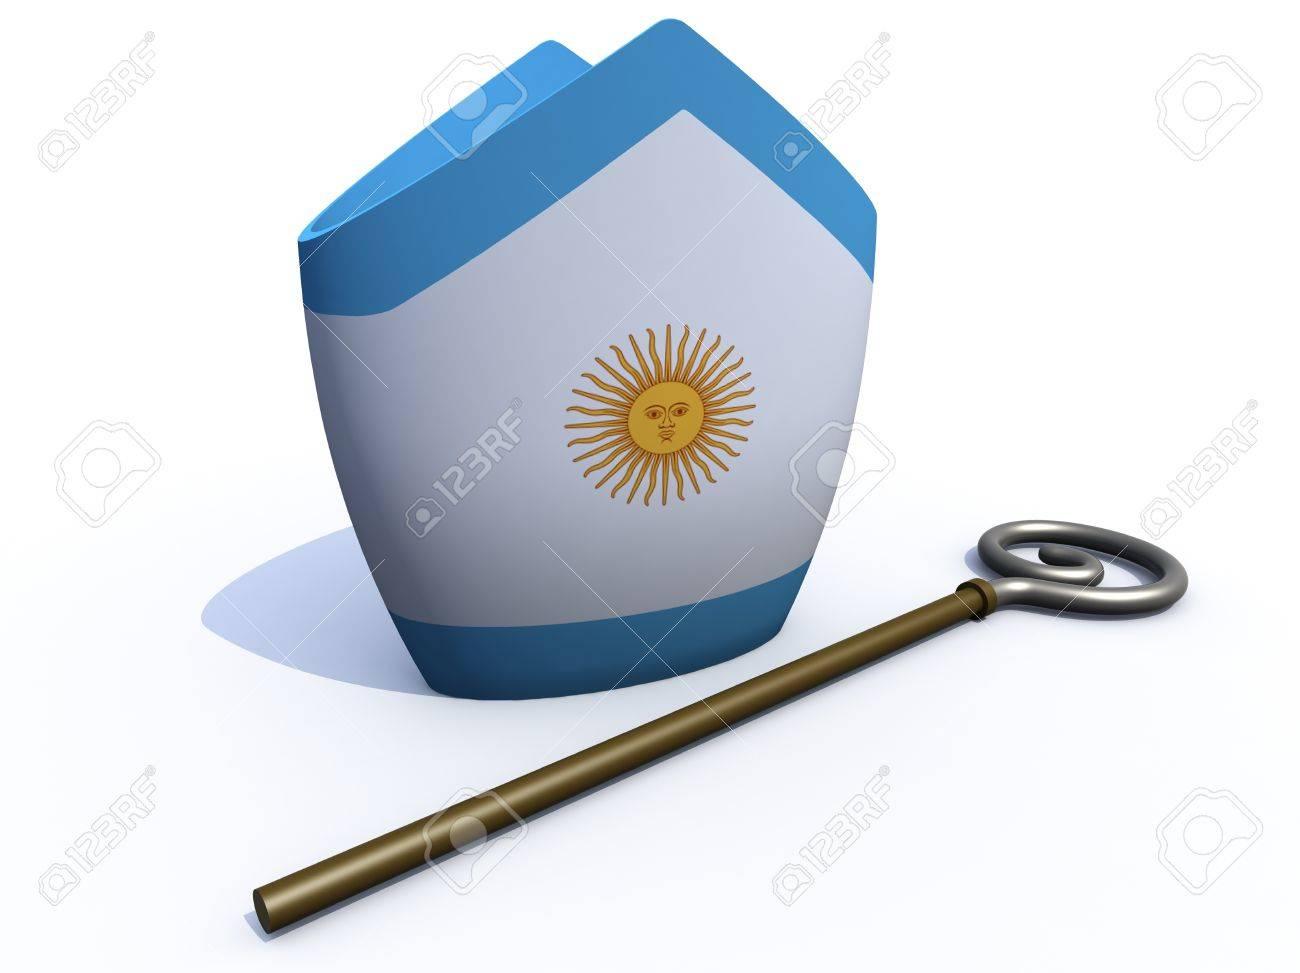 distribuidor mayorista Moda ofertas exclusivas Argentino sombrero Papa y báculo ilustración 3d